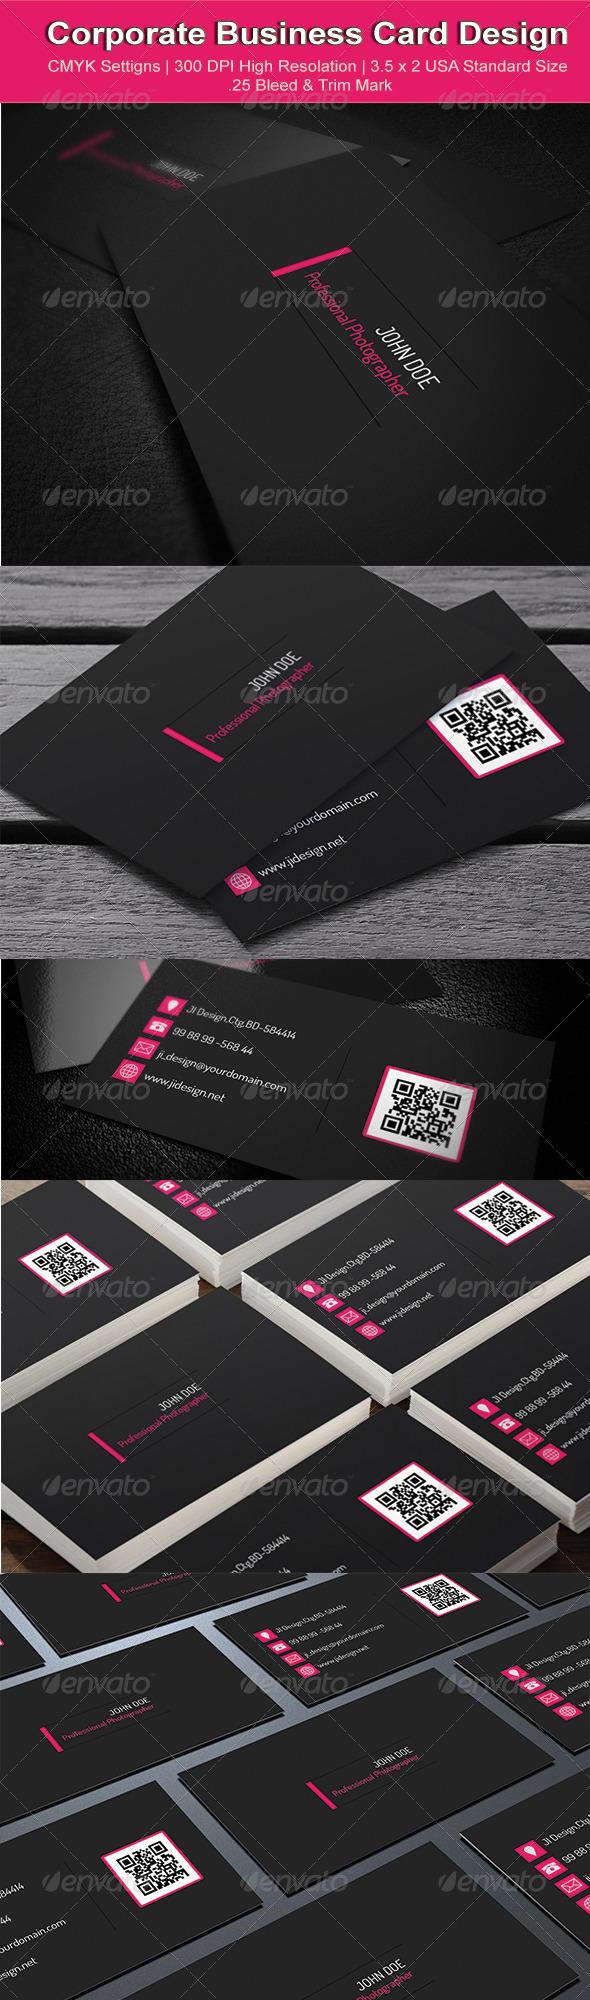 Corporate Business Card Design - Corporate Business Cards